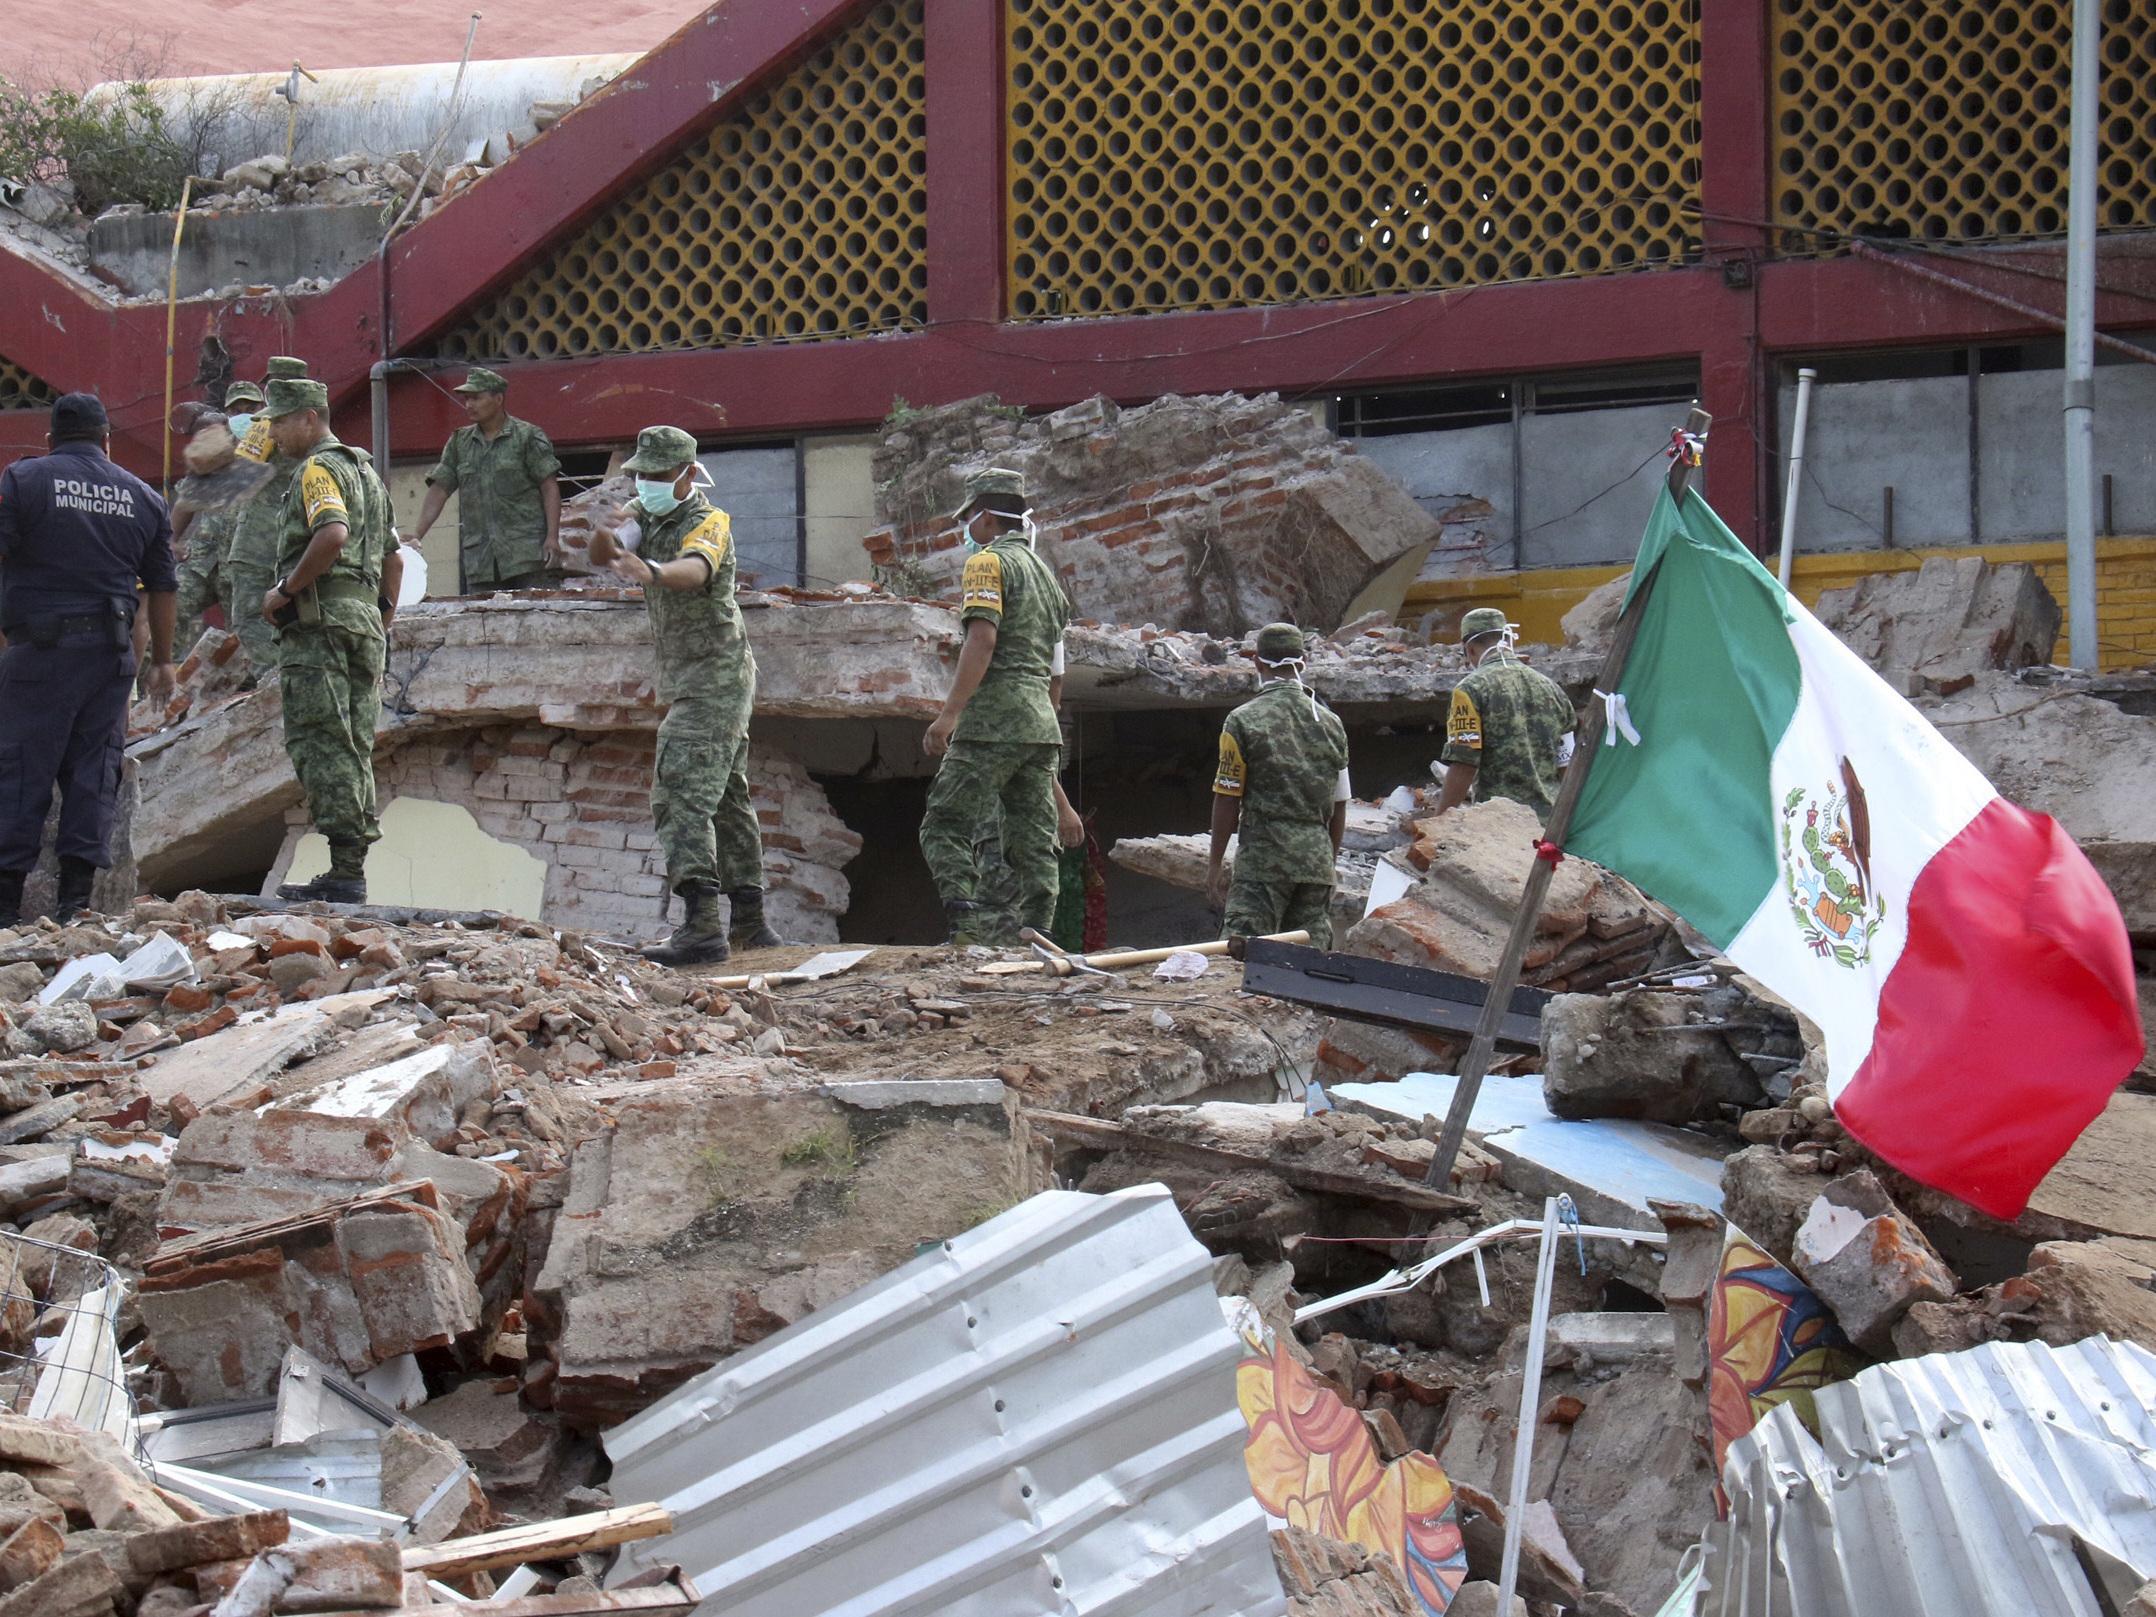 Tsunami warnings after Mexico quake